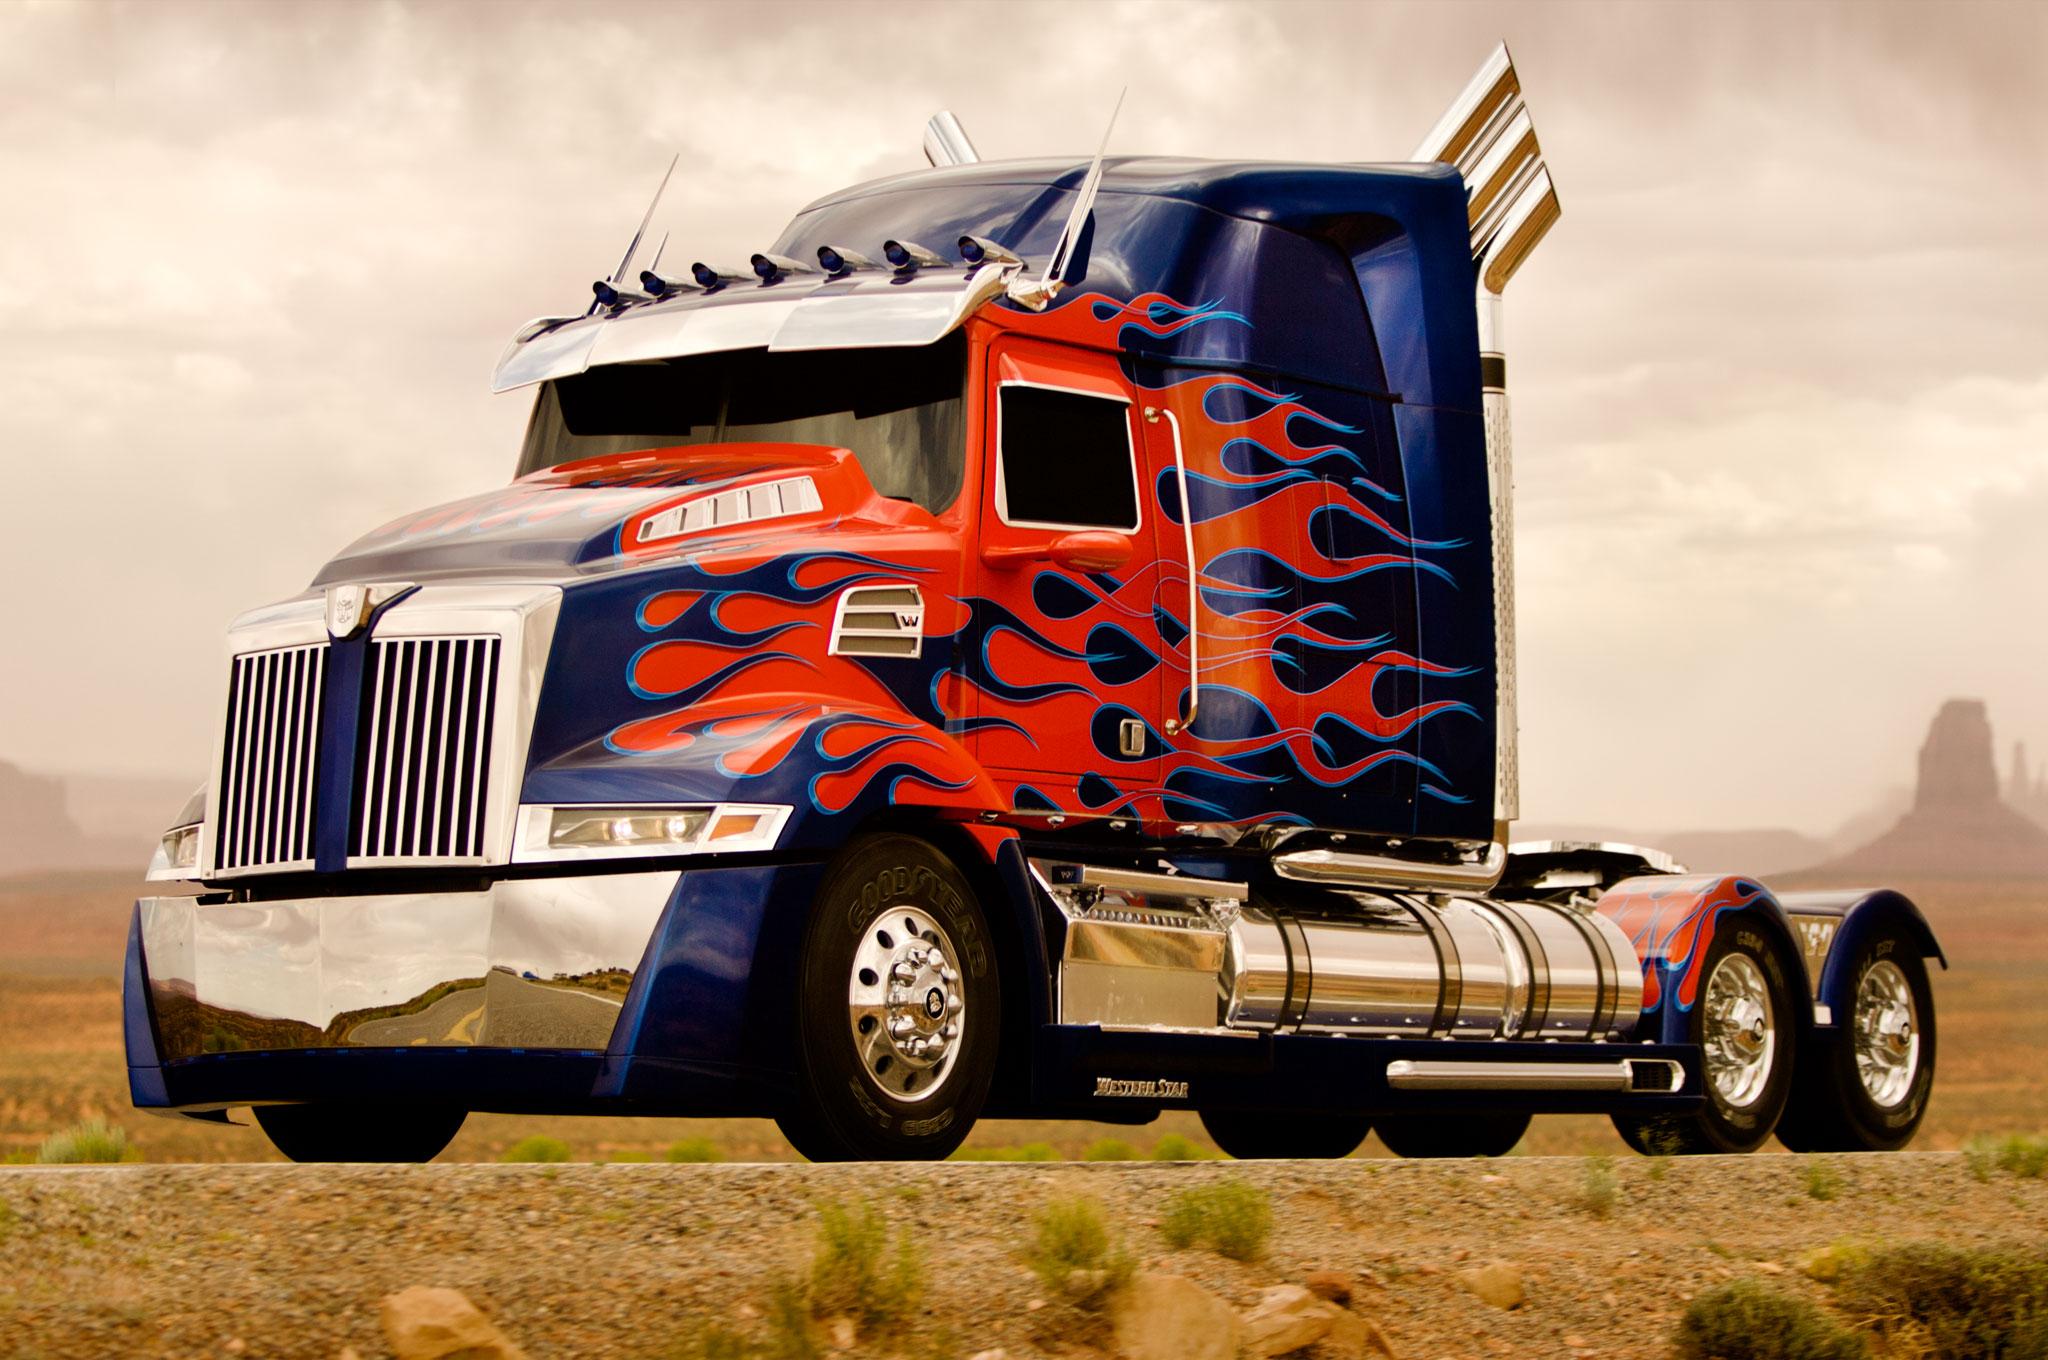 western-star-5700-optimus-prime1.jpg